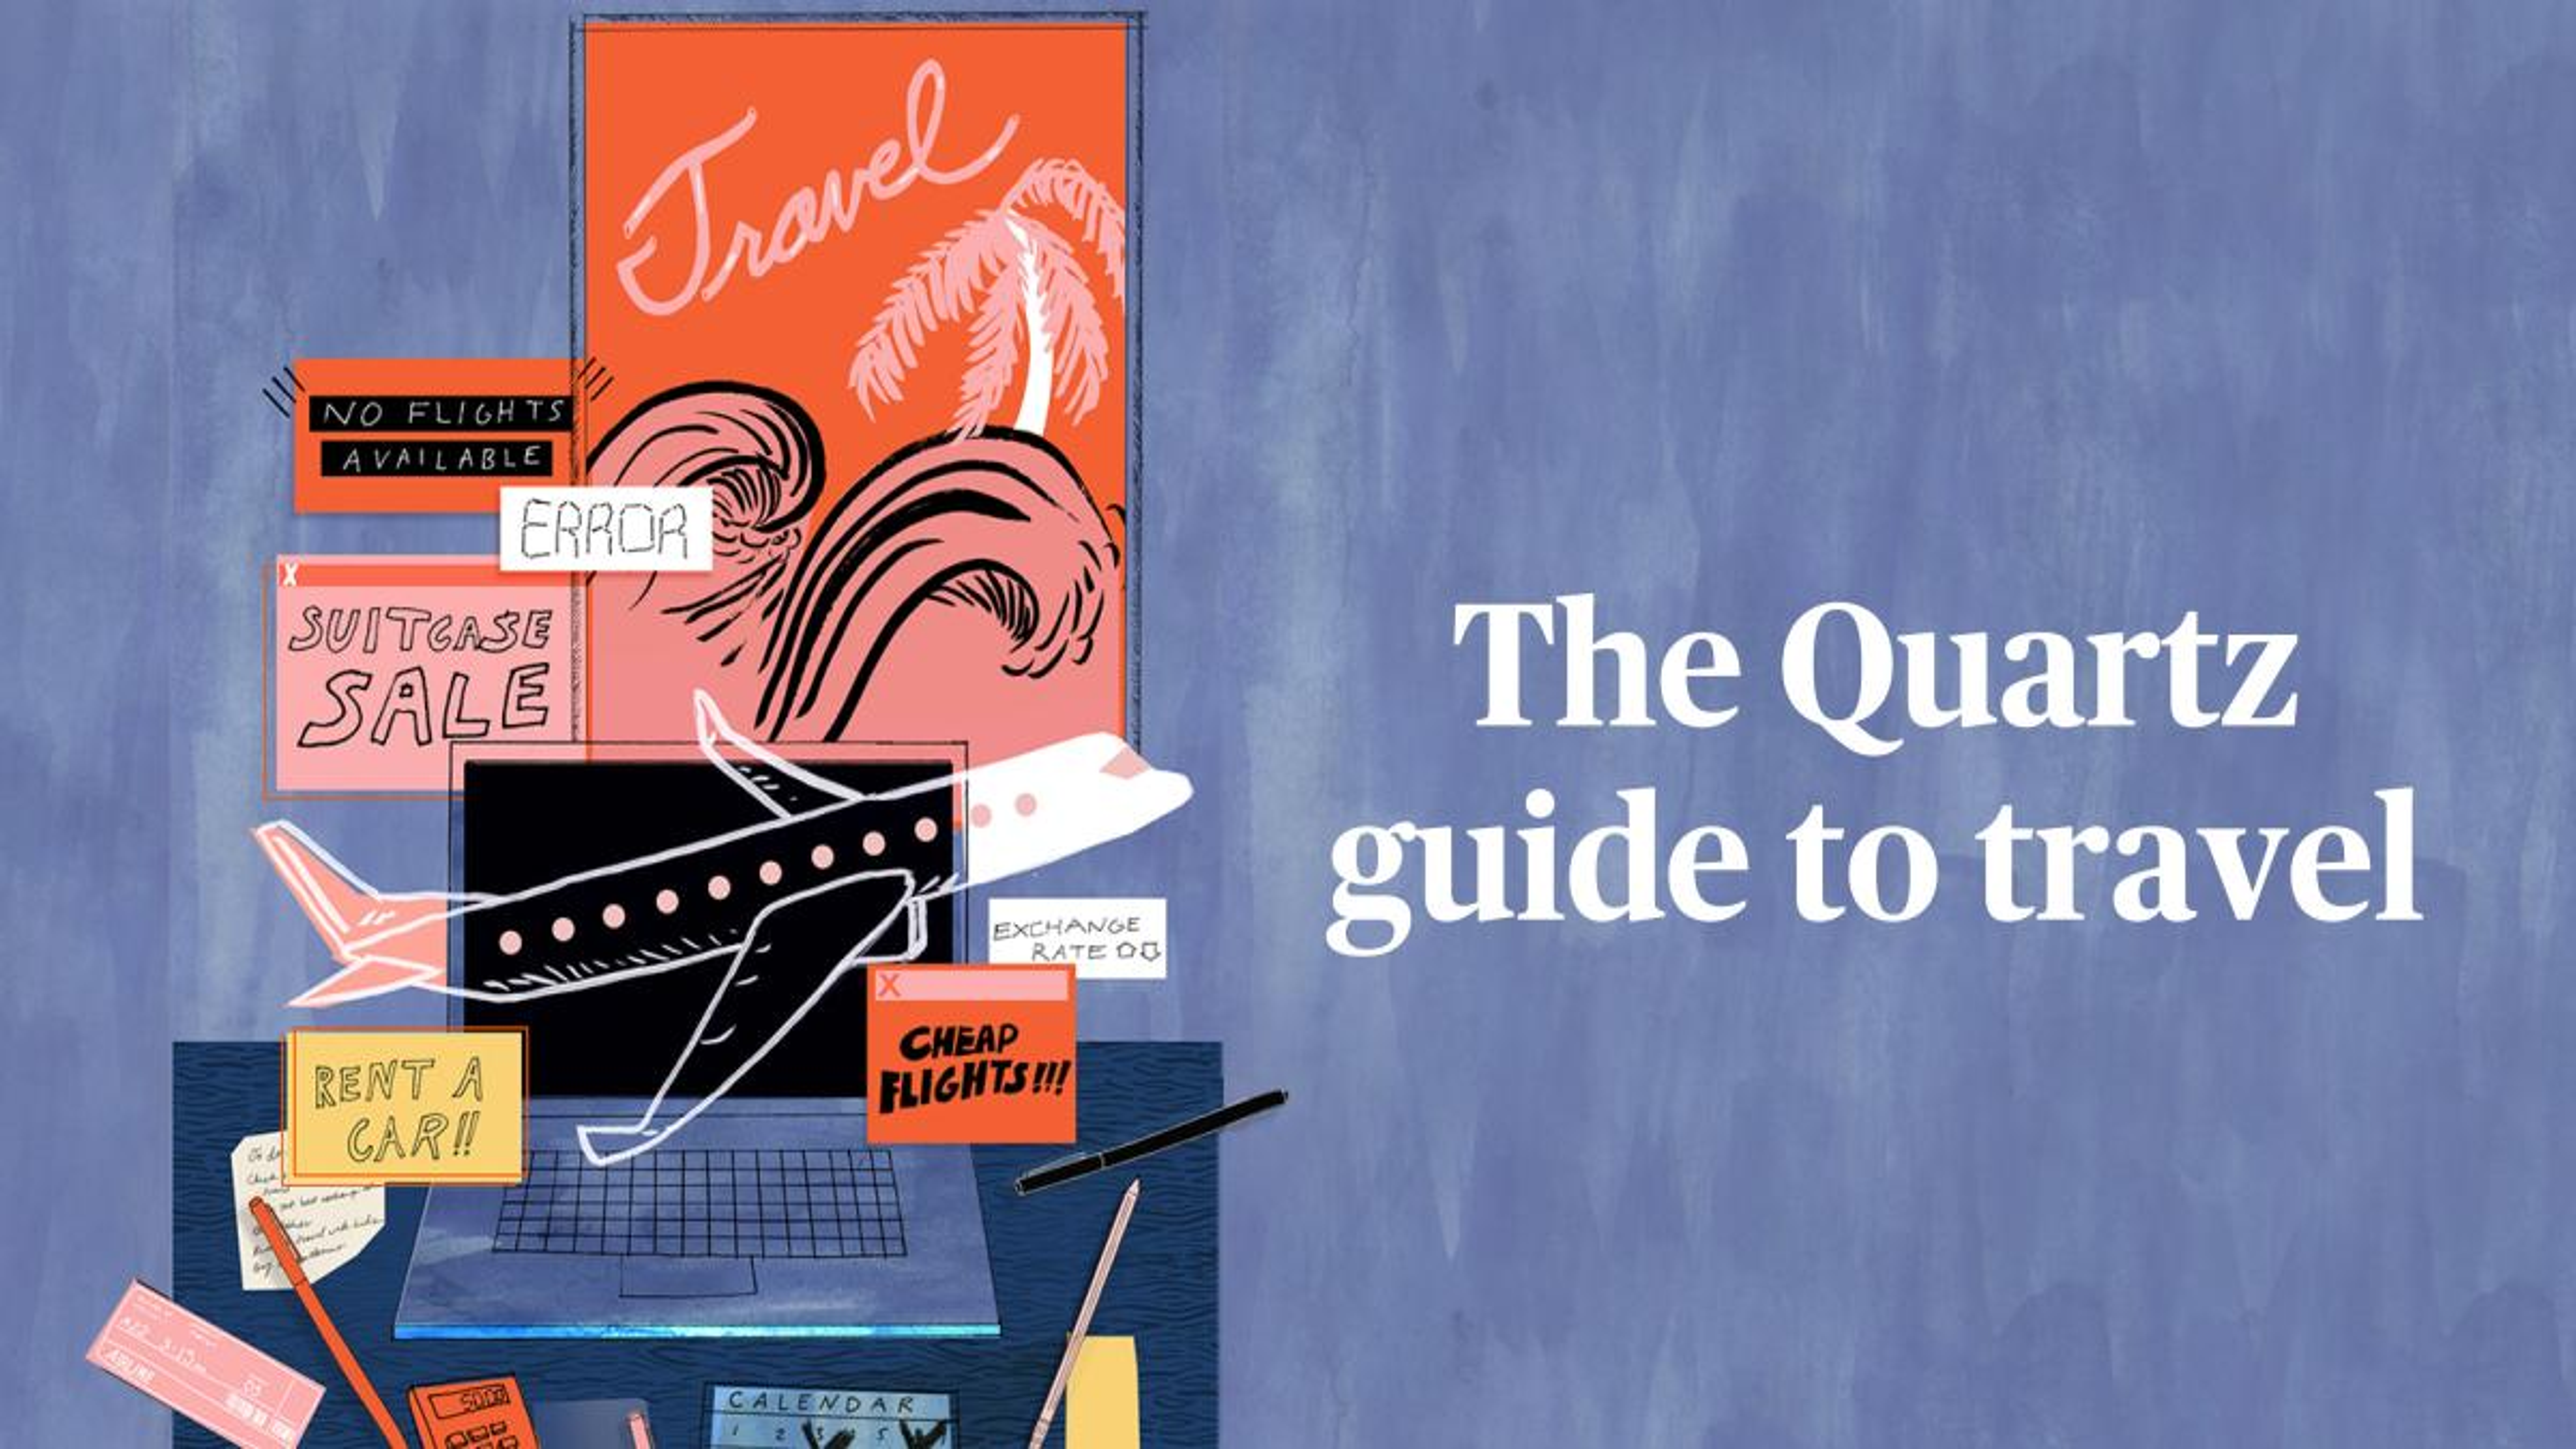 The Quartz guide to travel